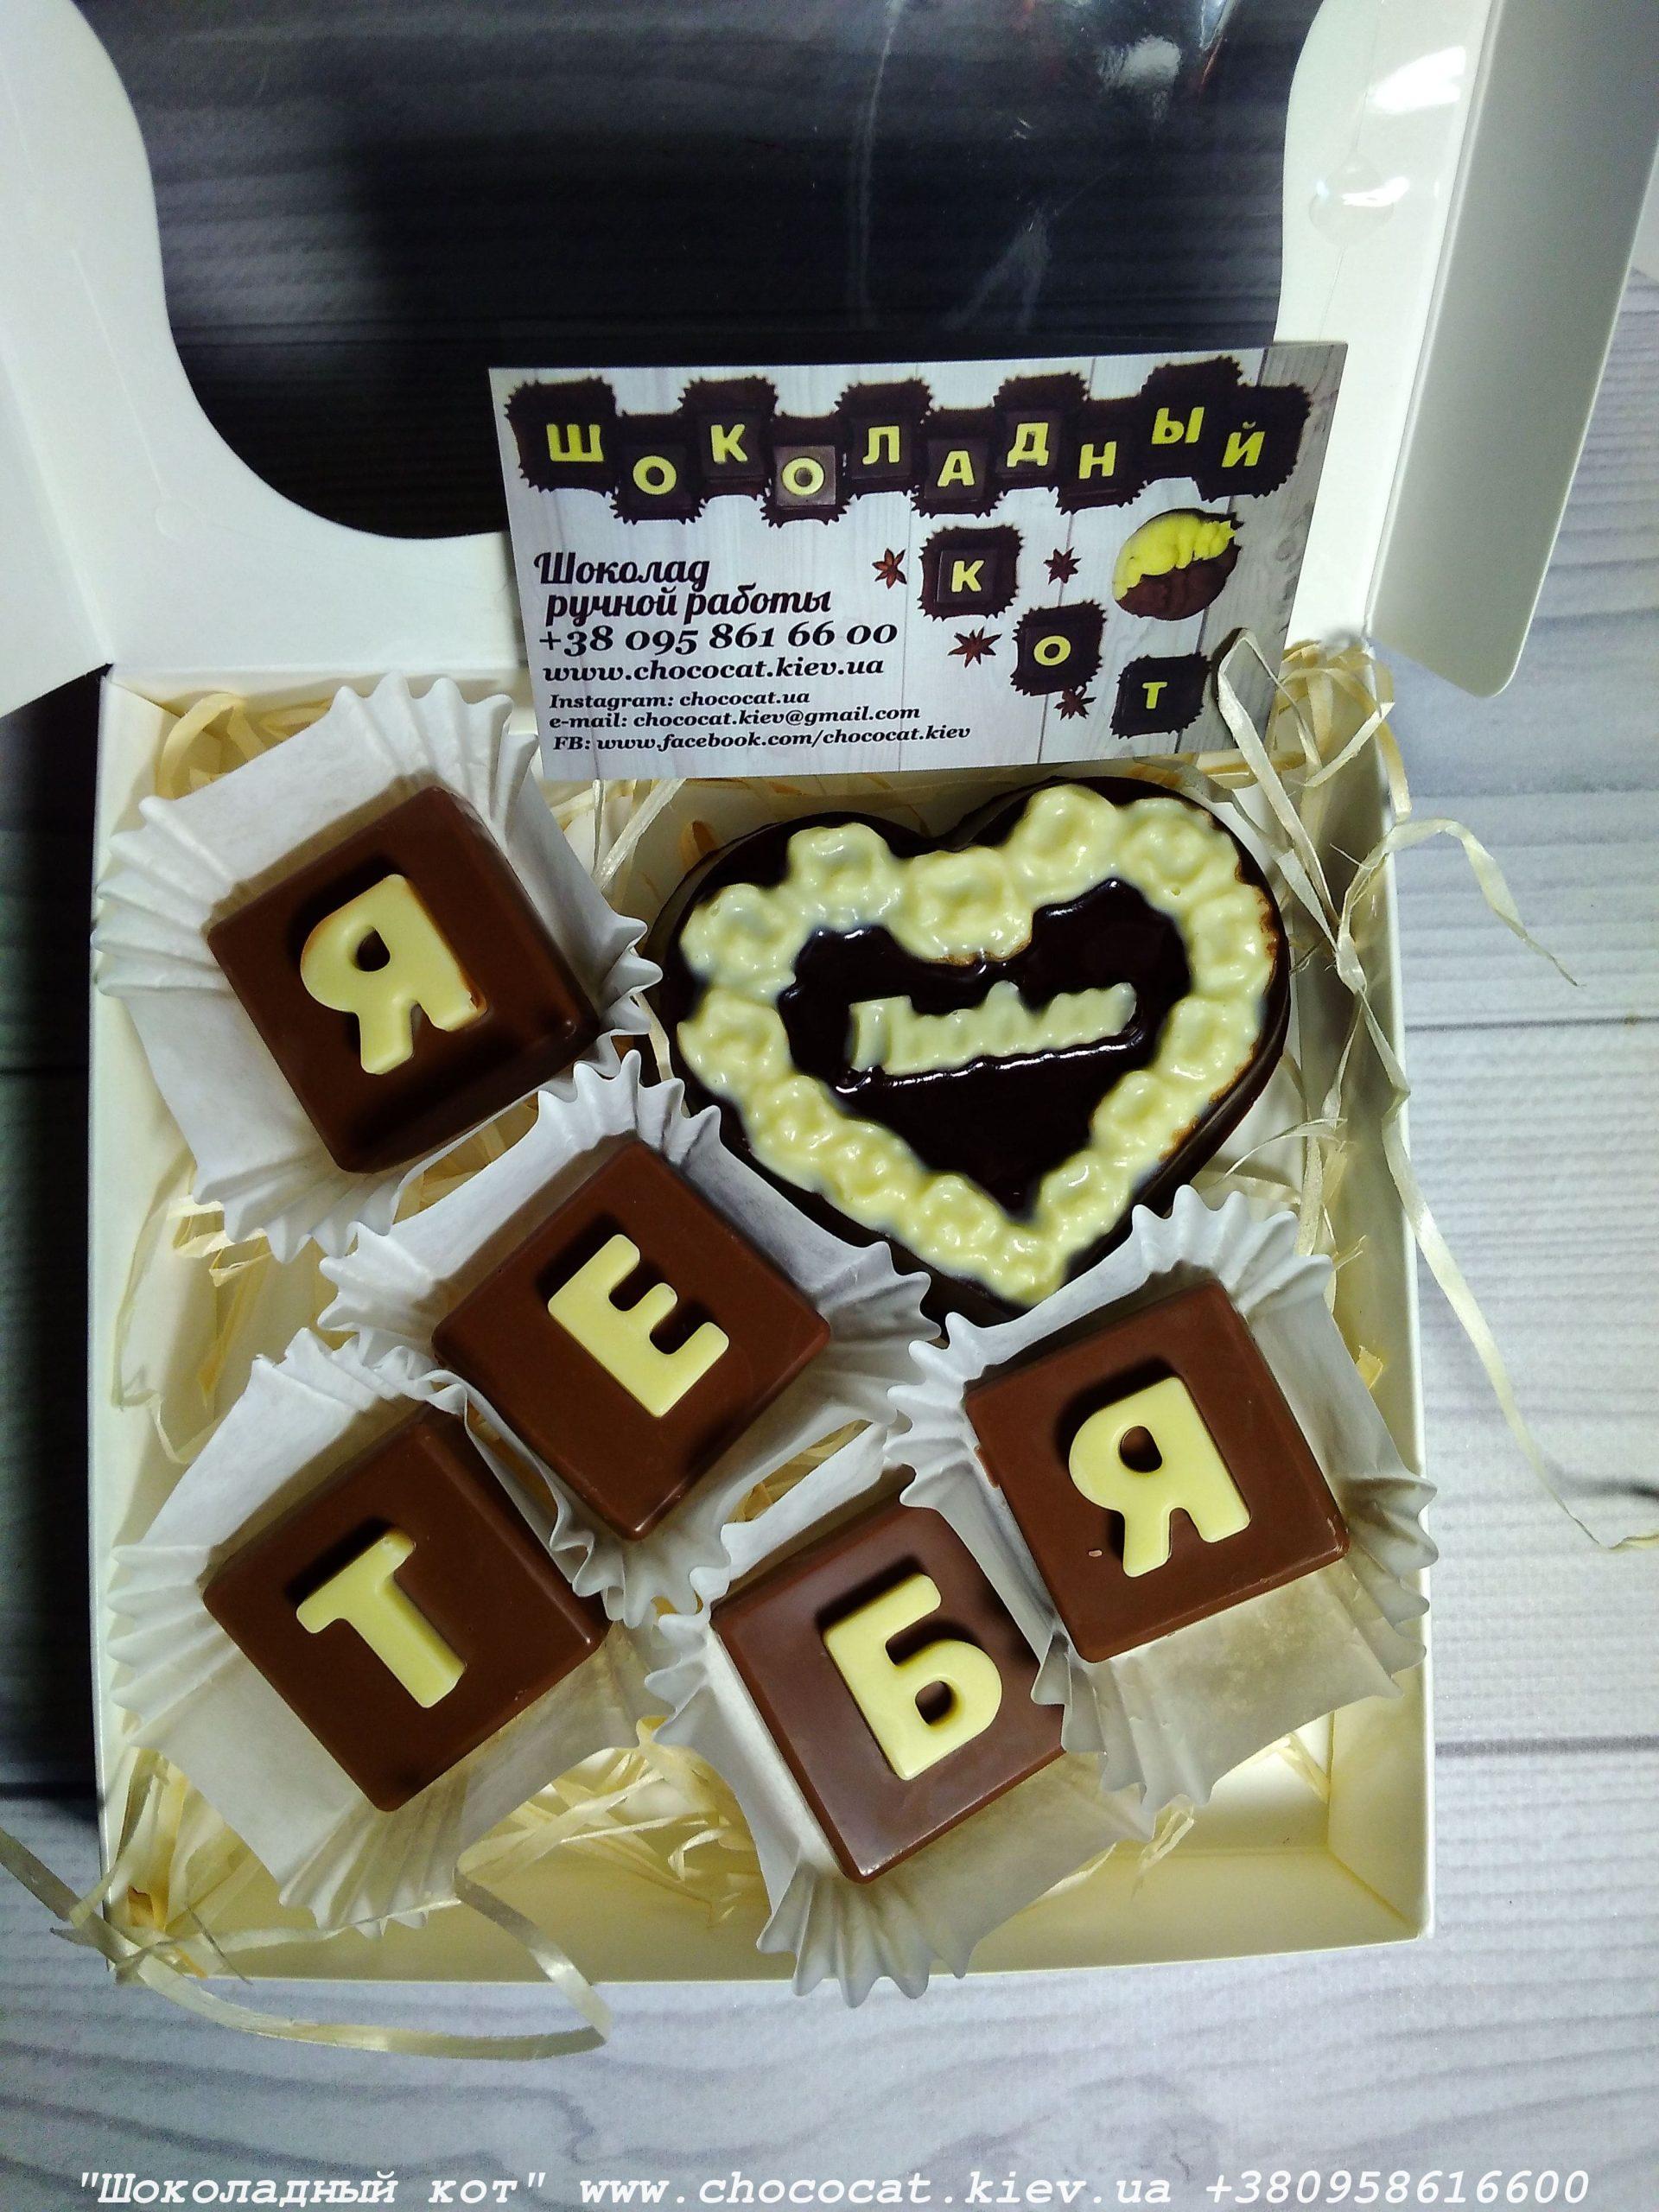 Подарок из шоколада